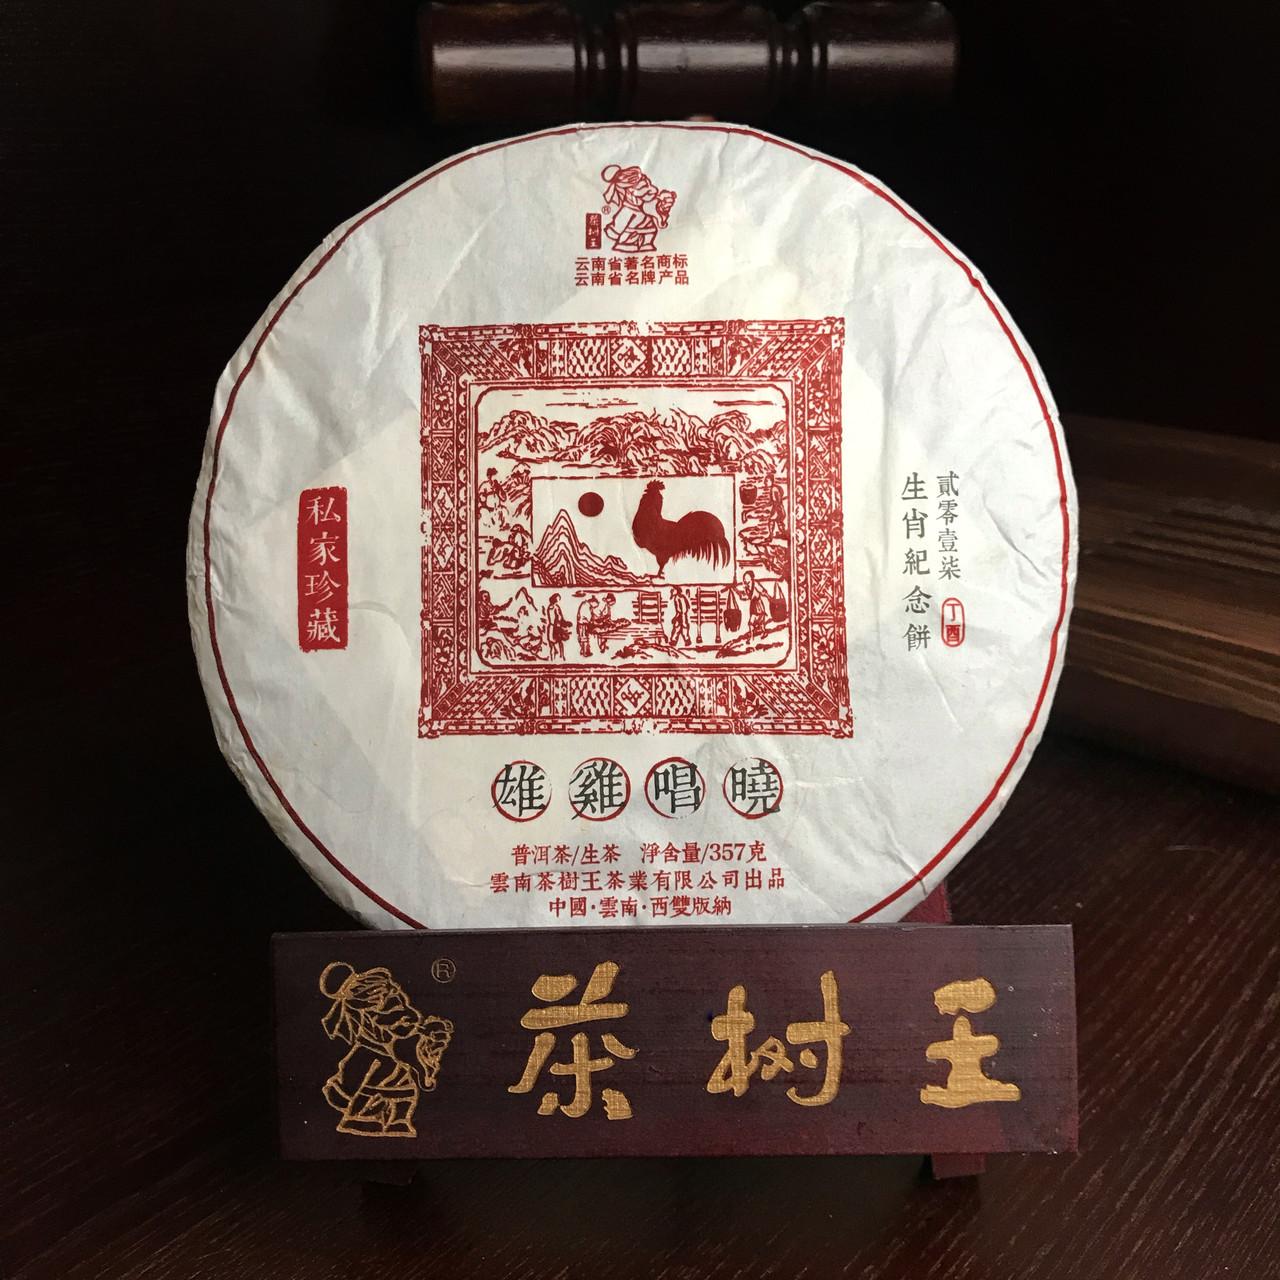 Шен пуэр Да Шу Ча «Год Петуха», фабрики Ча Шу Ван, 2016 год, 357 г